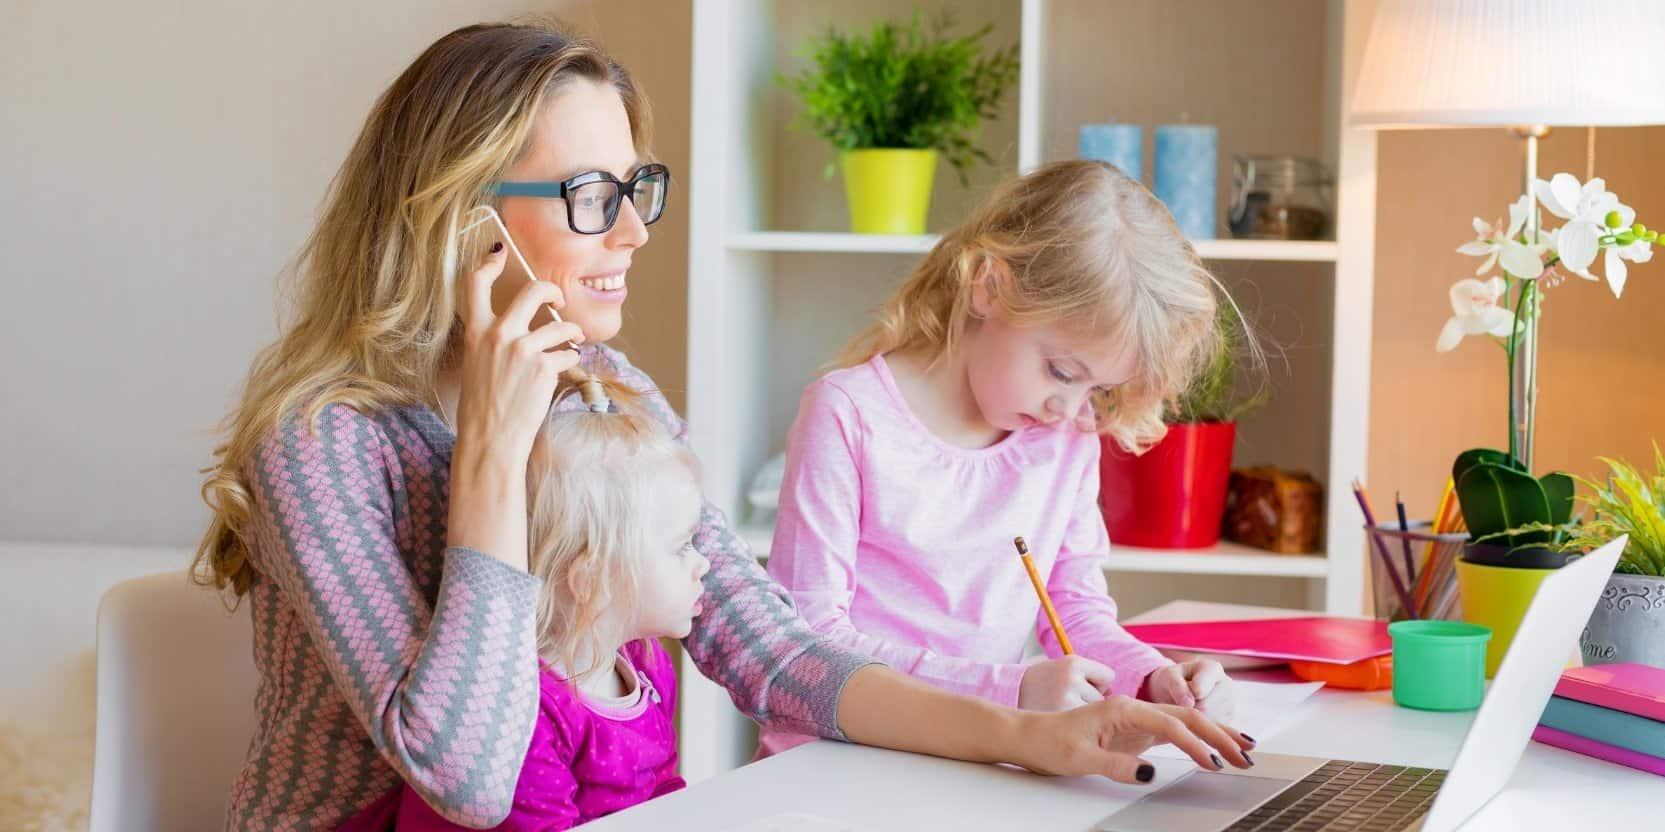 jeune mère de famille avec lunette et chandail rose pâle parlant assise à son bureau, devant son ordinateur portable et parlant au téléphone accompagnée de ses 2 fillettes habillées en rose